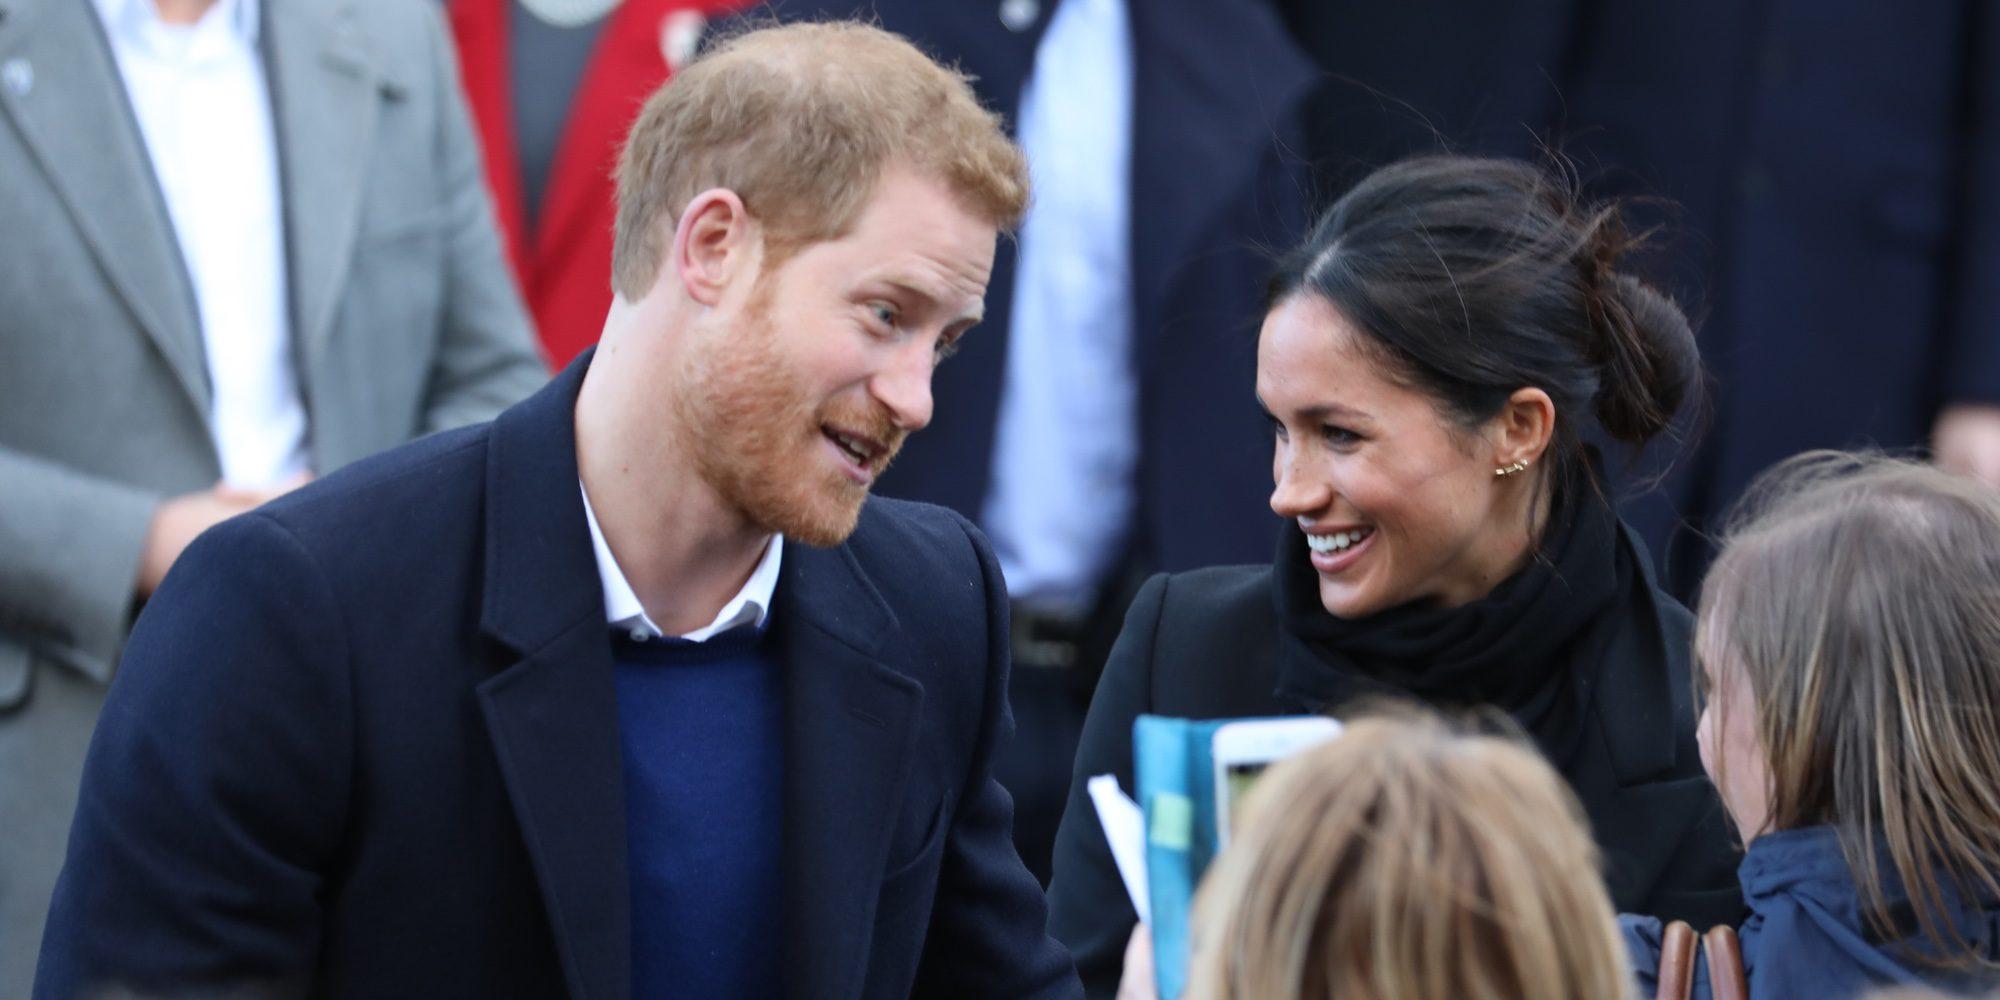 El Príncipe Harry y Meghan Markle se dan un baño de masas en su primer acto juntos en Gales